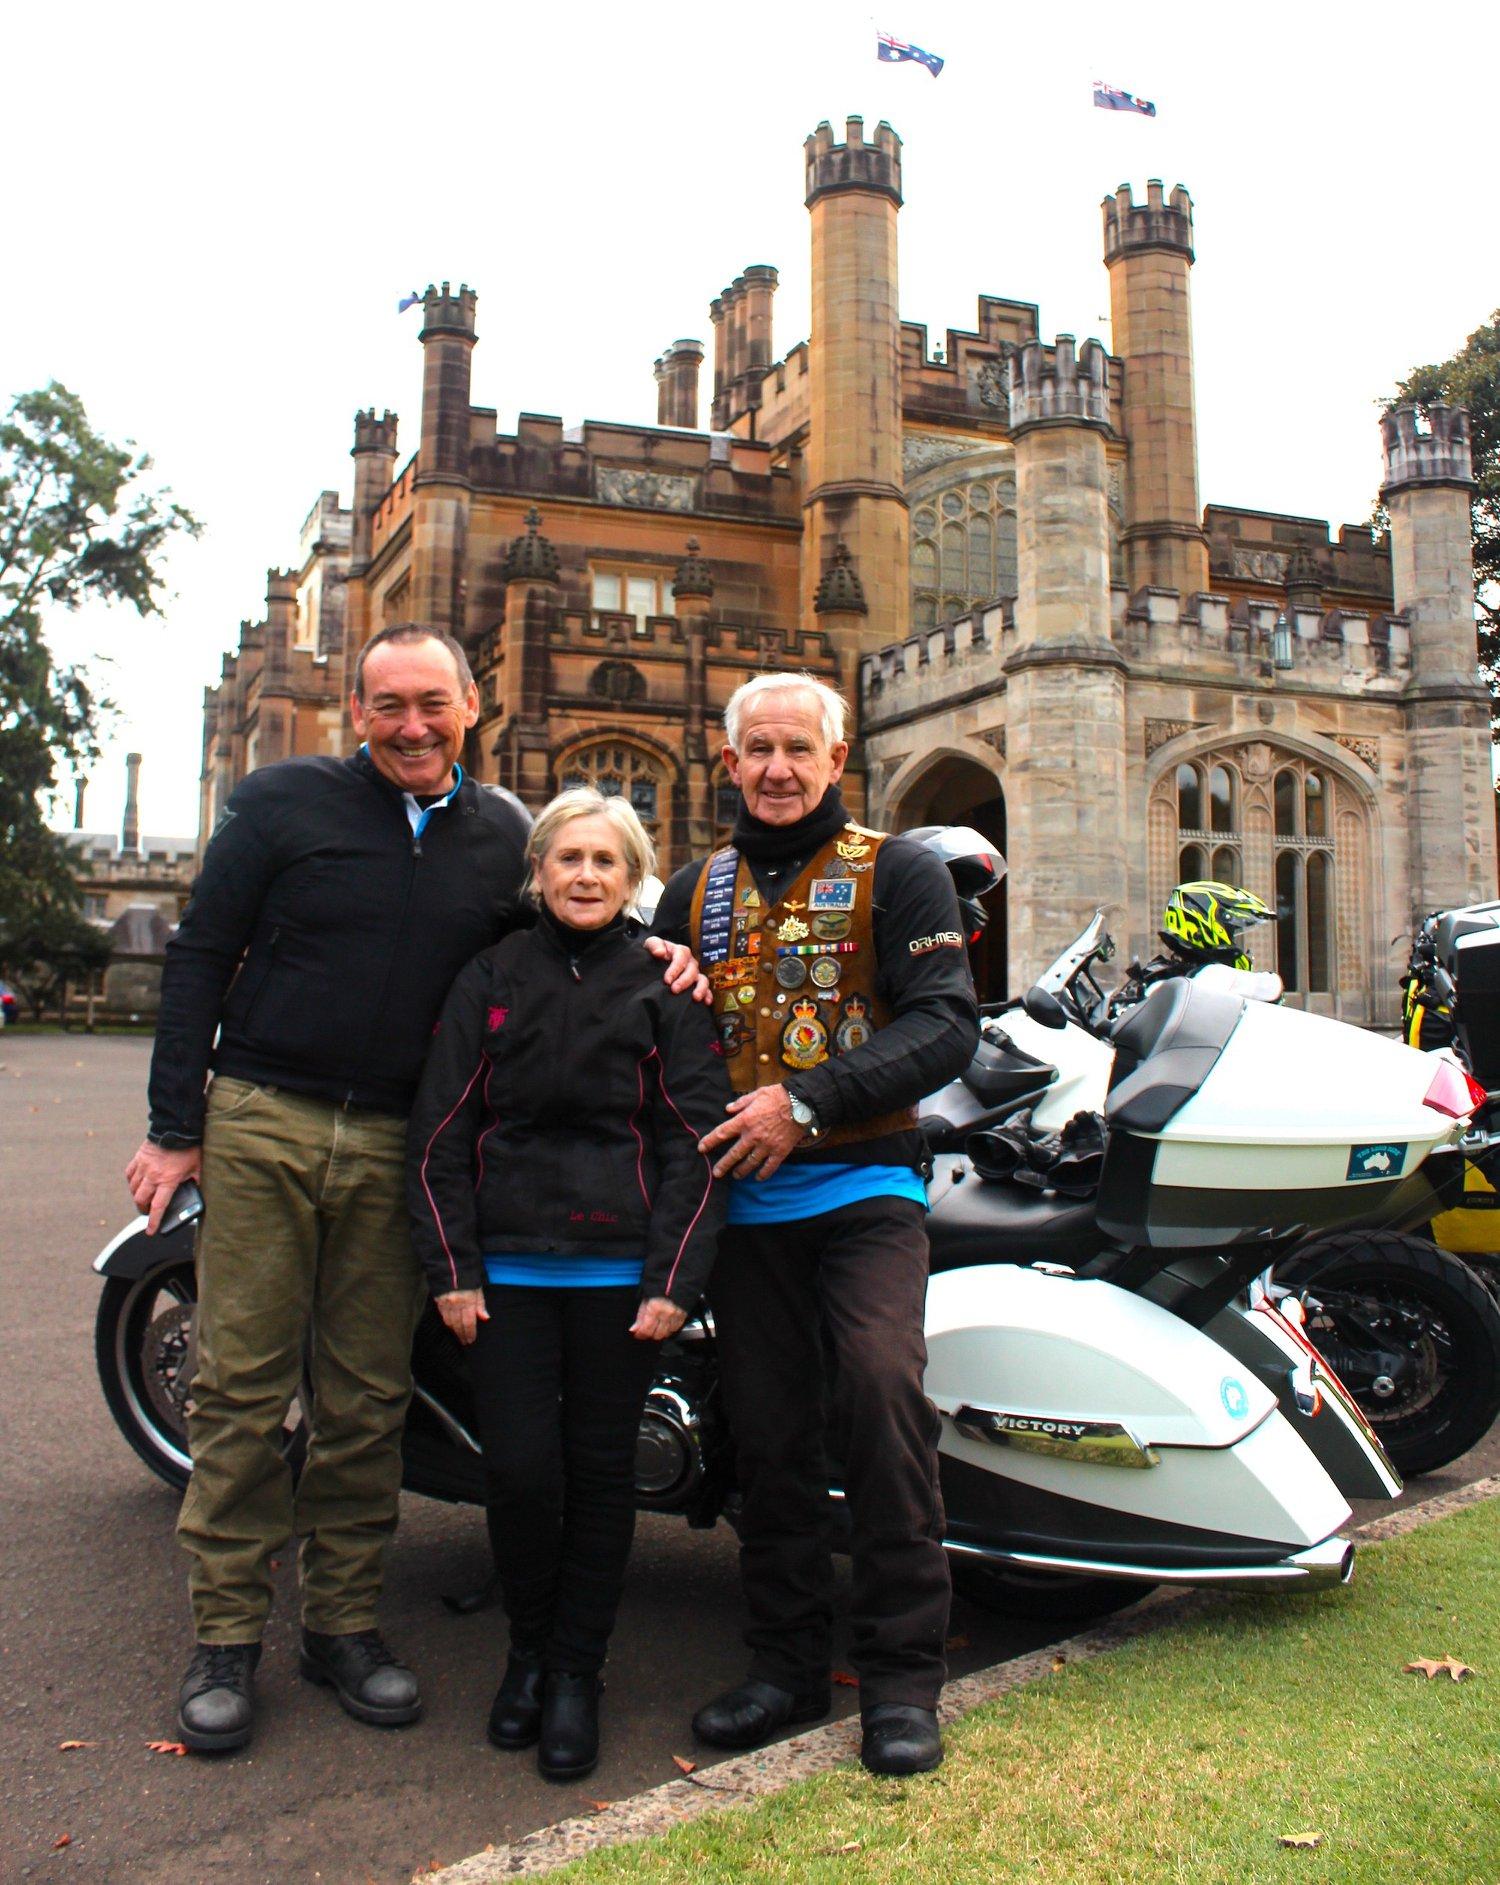 Long Ride Creators Chris & Gail Dunn